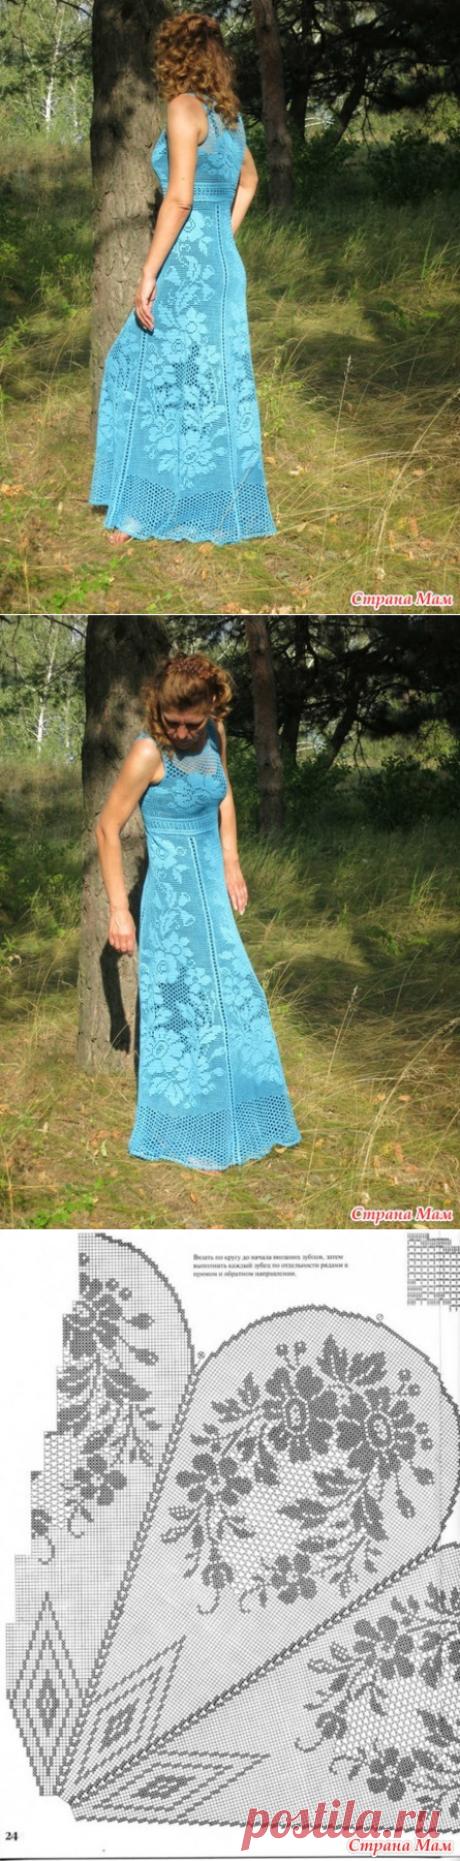 """Выхожу из """"подполья"""")))Мое платье в пол филейкой."""